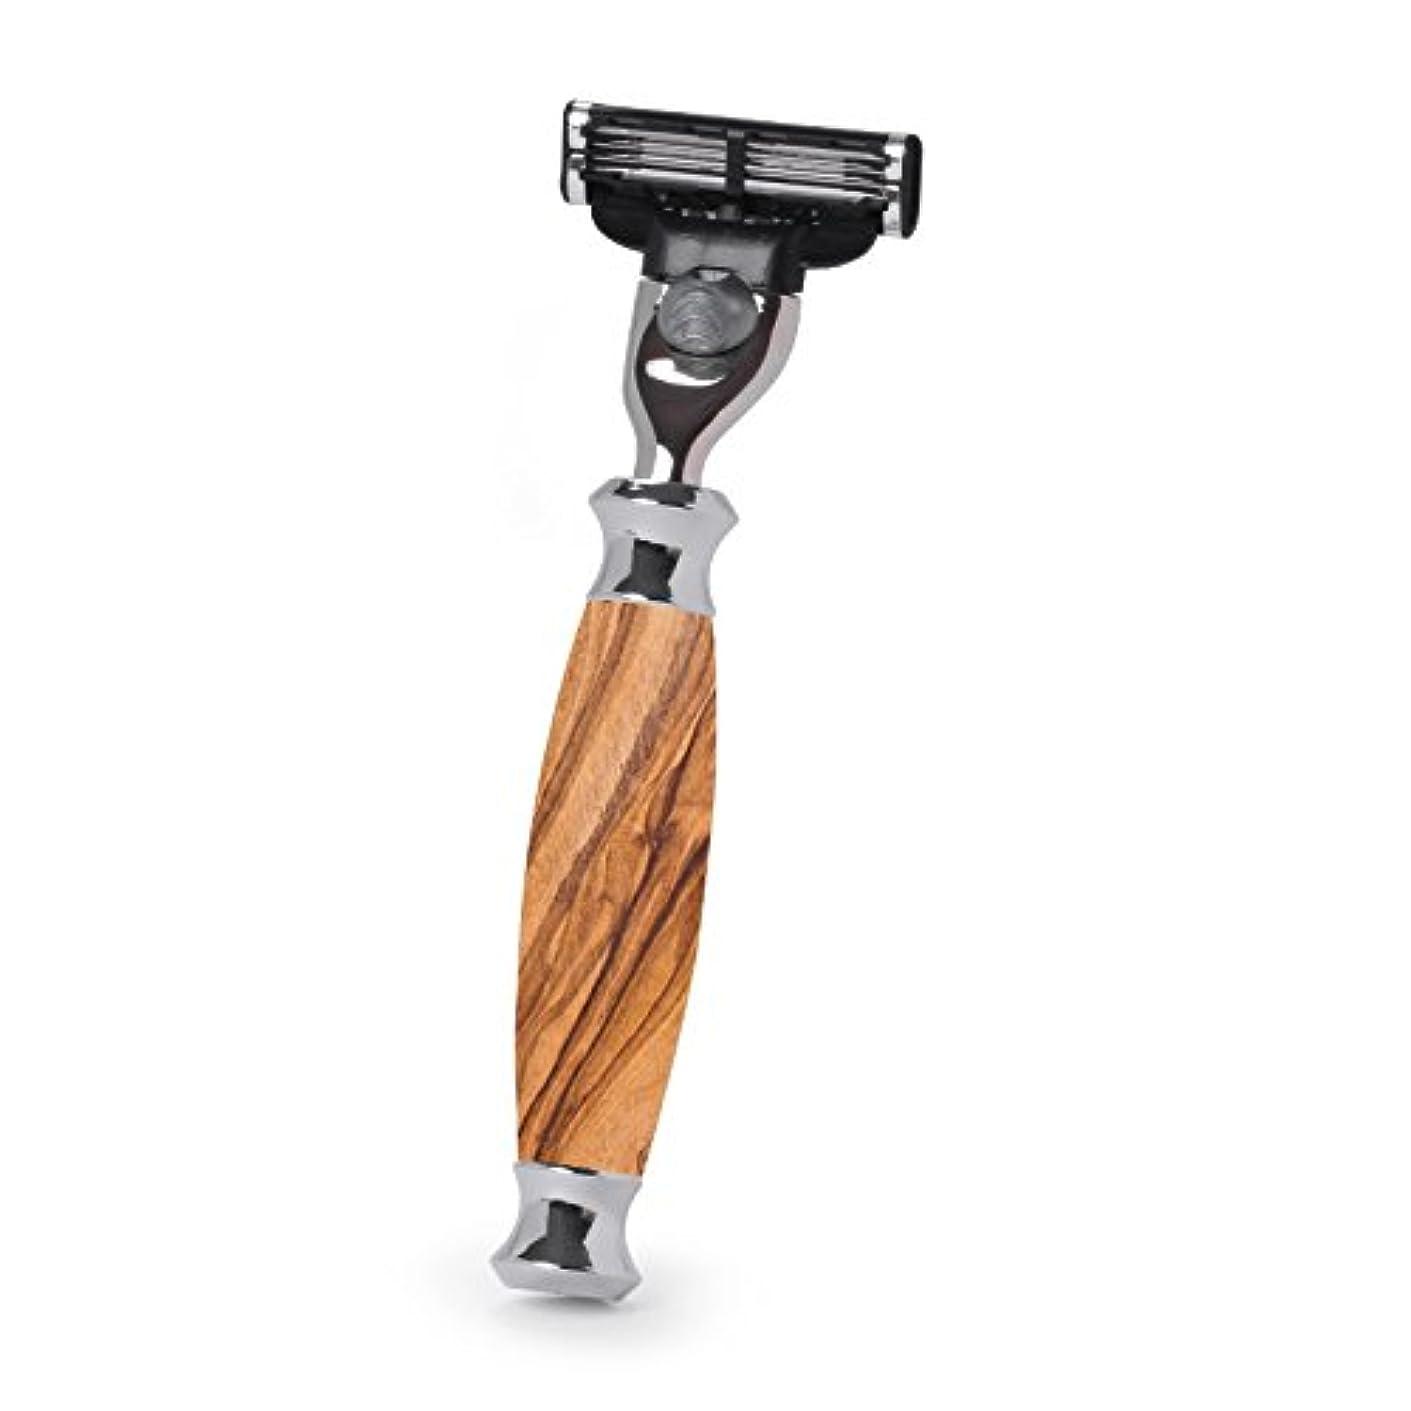 ジョイント木曜日応援するHans Baier Exclusive - Razor Mach 3, olive wood